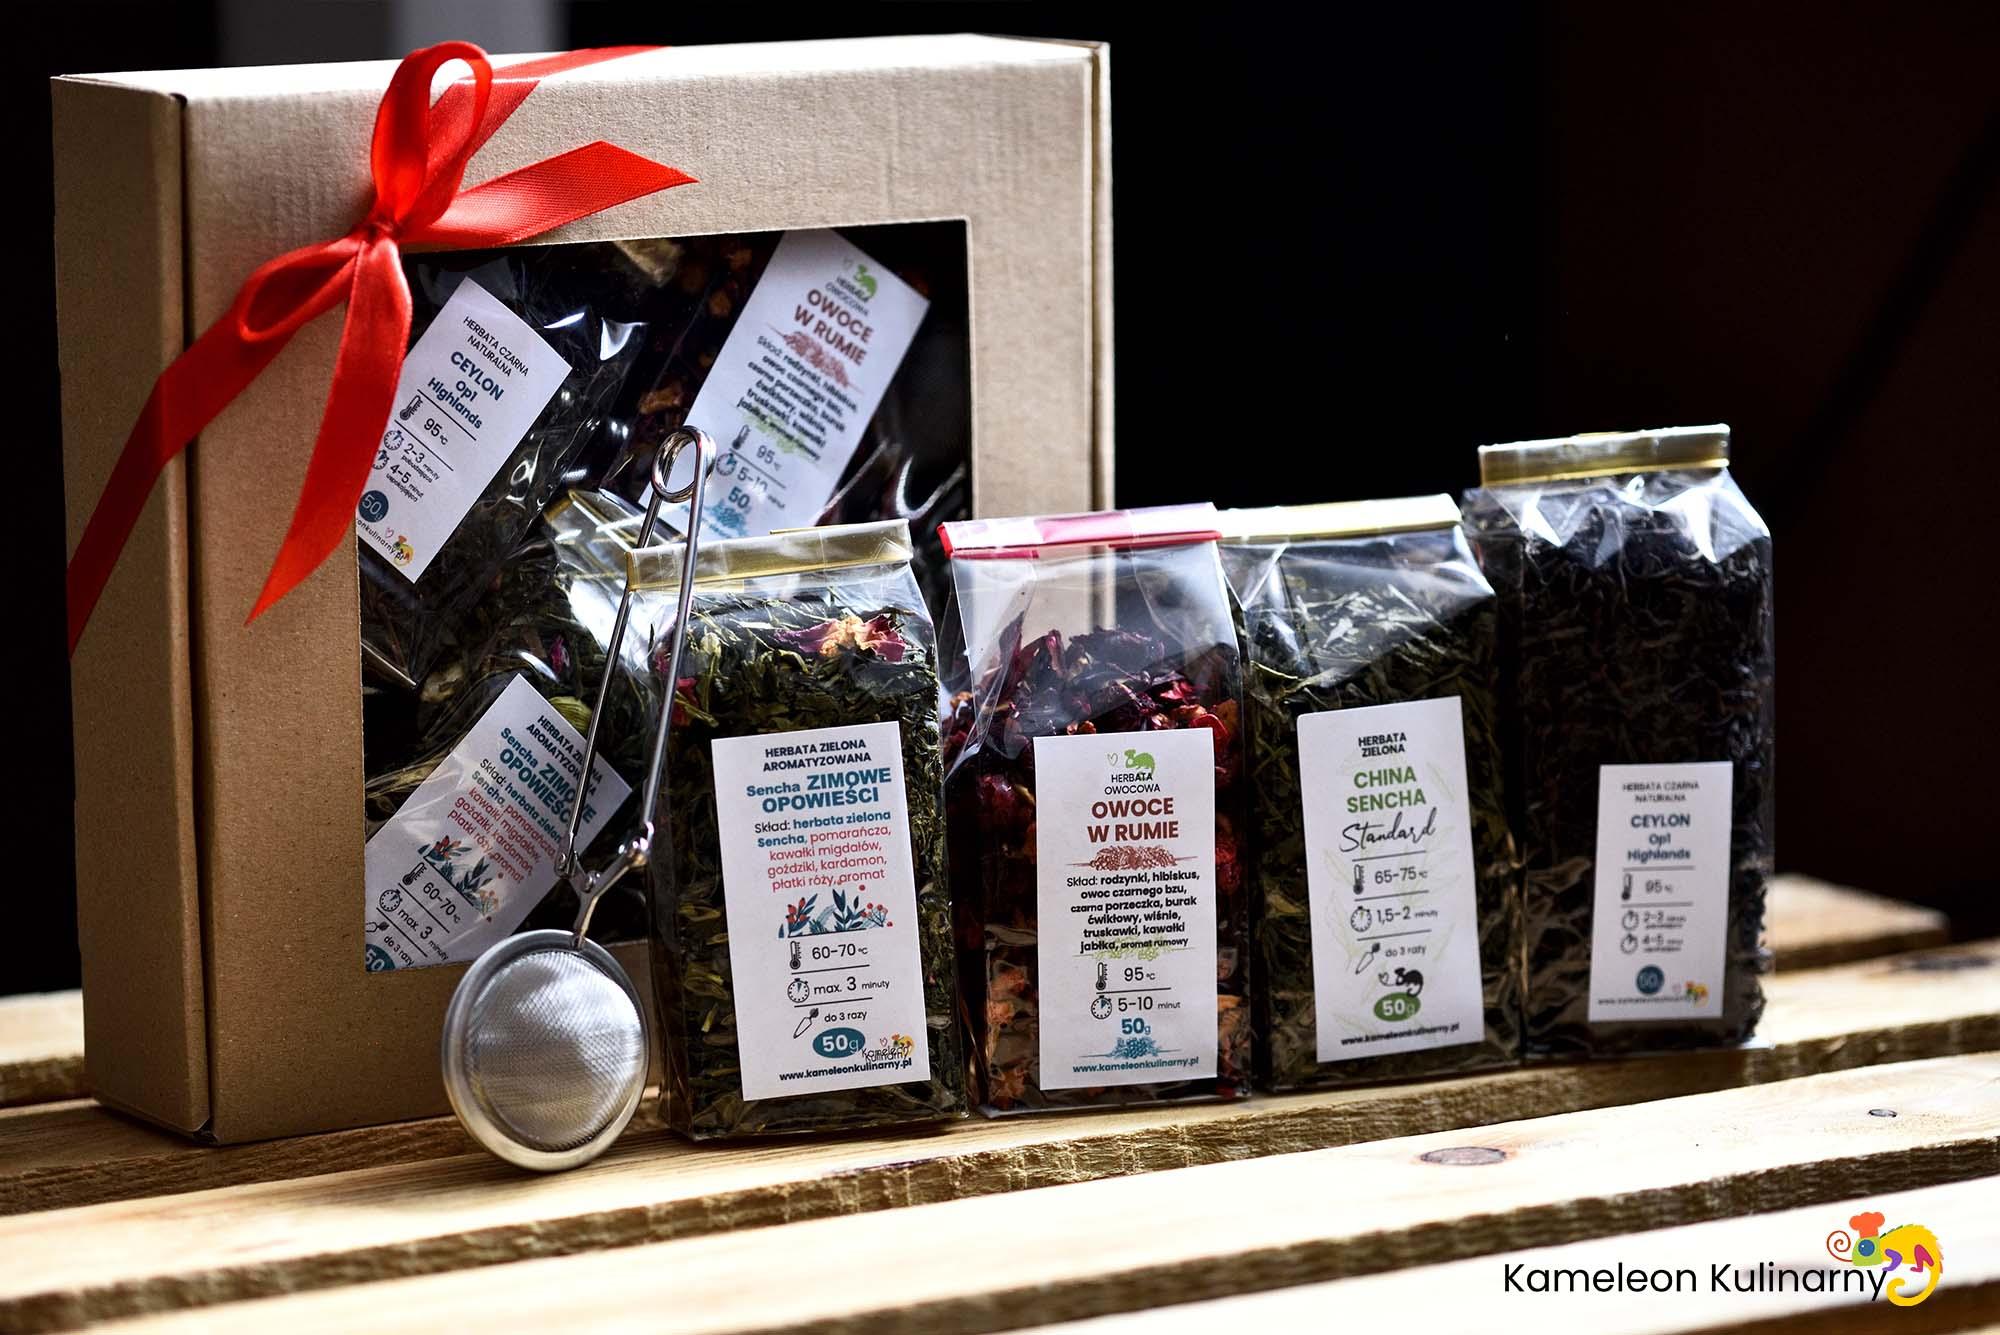 ZESTAW PREZENTOWY na prezent 4 herbaty i zaparzacz Kod producenta ZESTAW PREZENTOWY na DZIEŃ BABCI i DZIEŃ DZIADKA